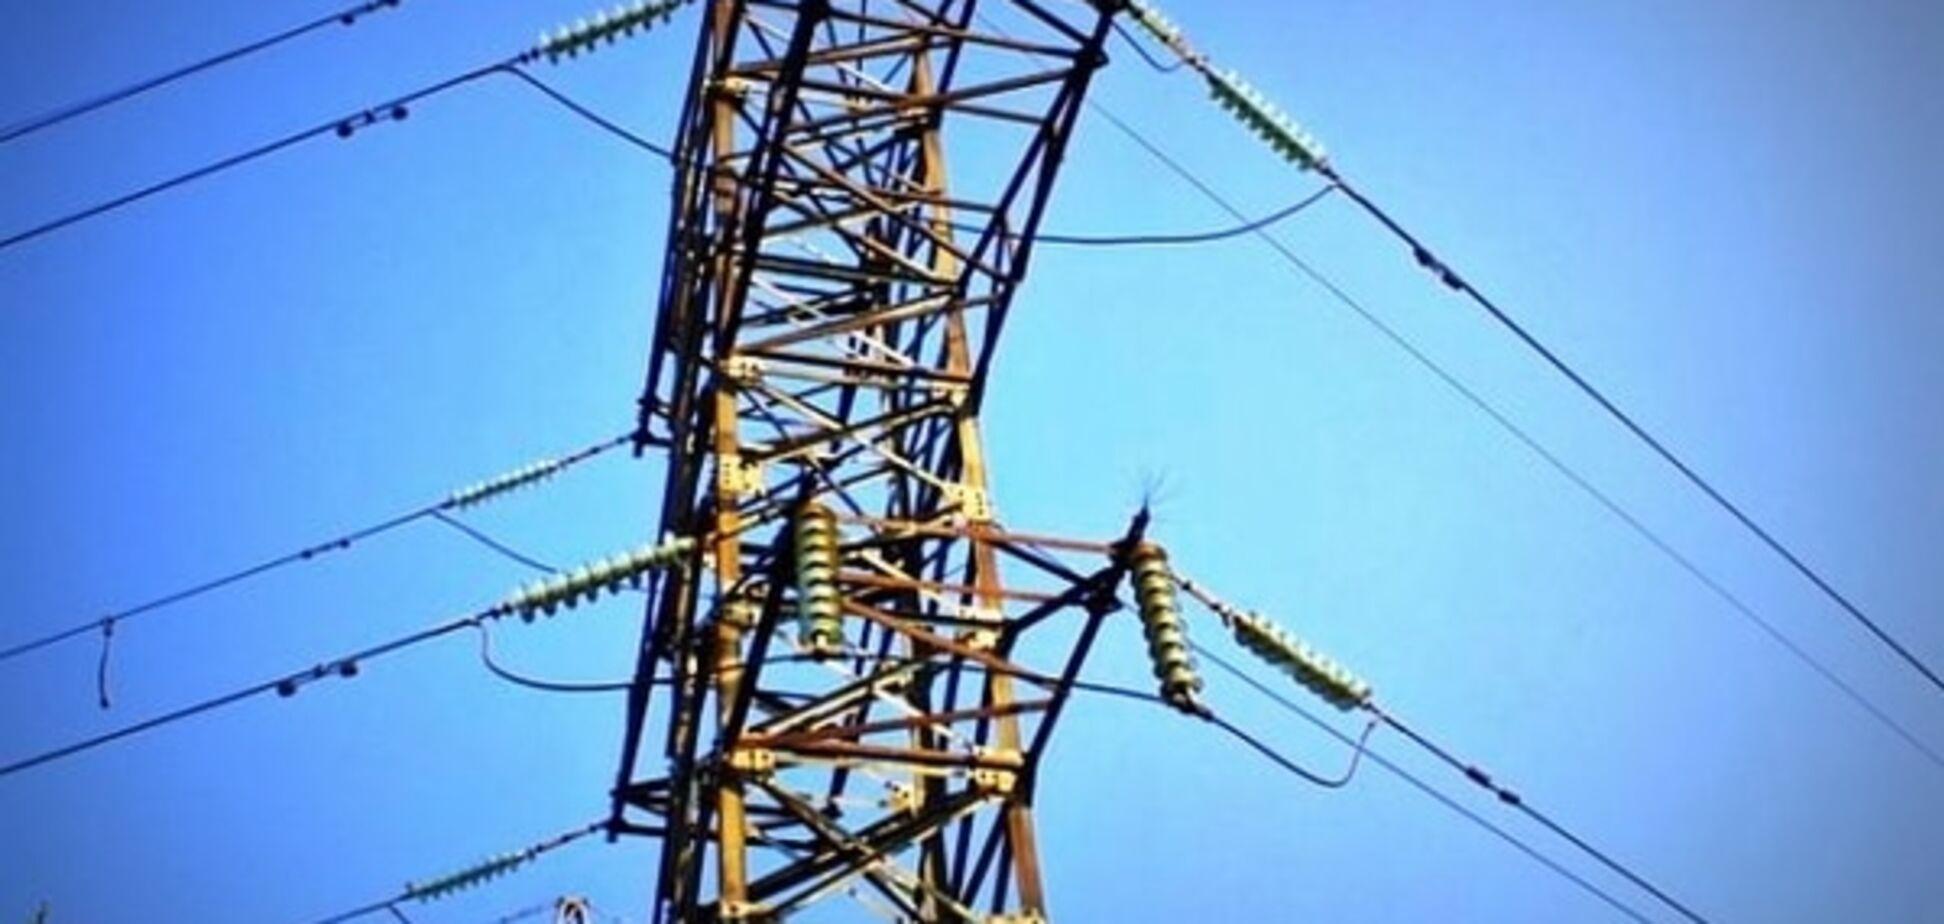 Передумали: 'Укрэнерго' не возобновит поставки электроэнергии в Крым